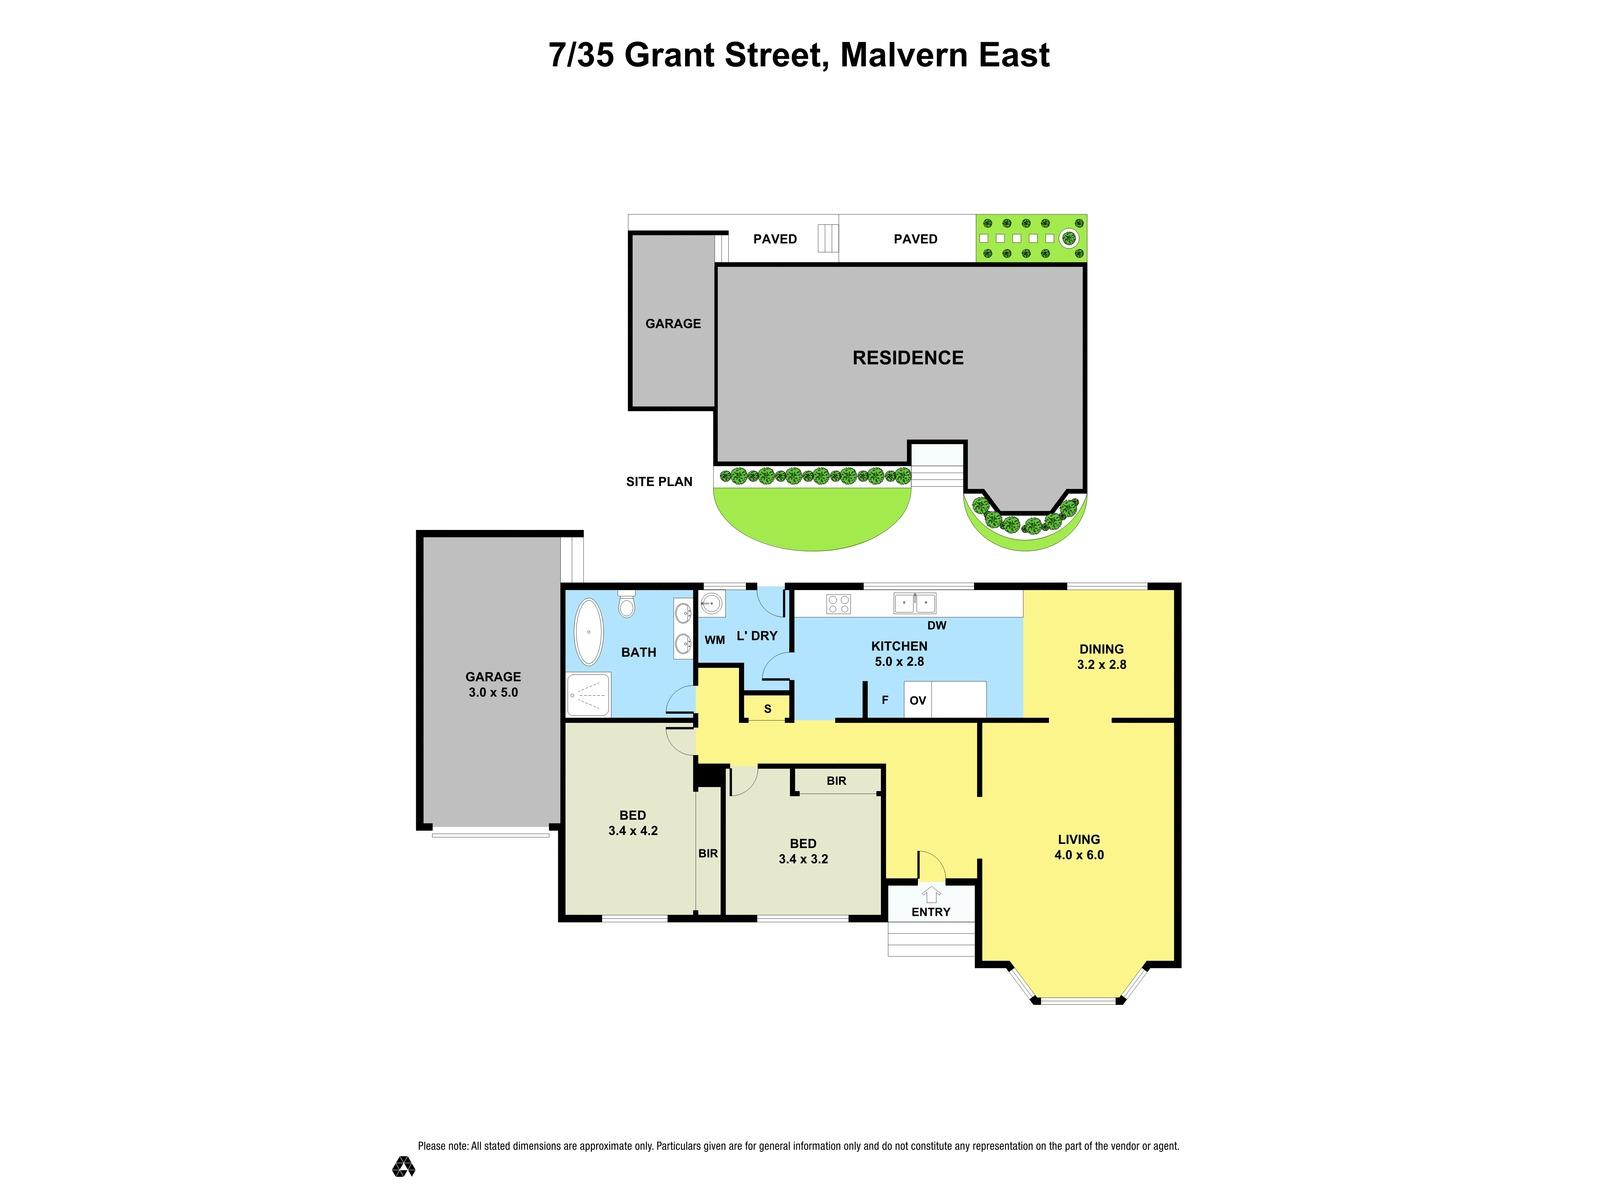 7 / 35 Grant Street, Malvern East